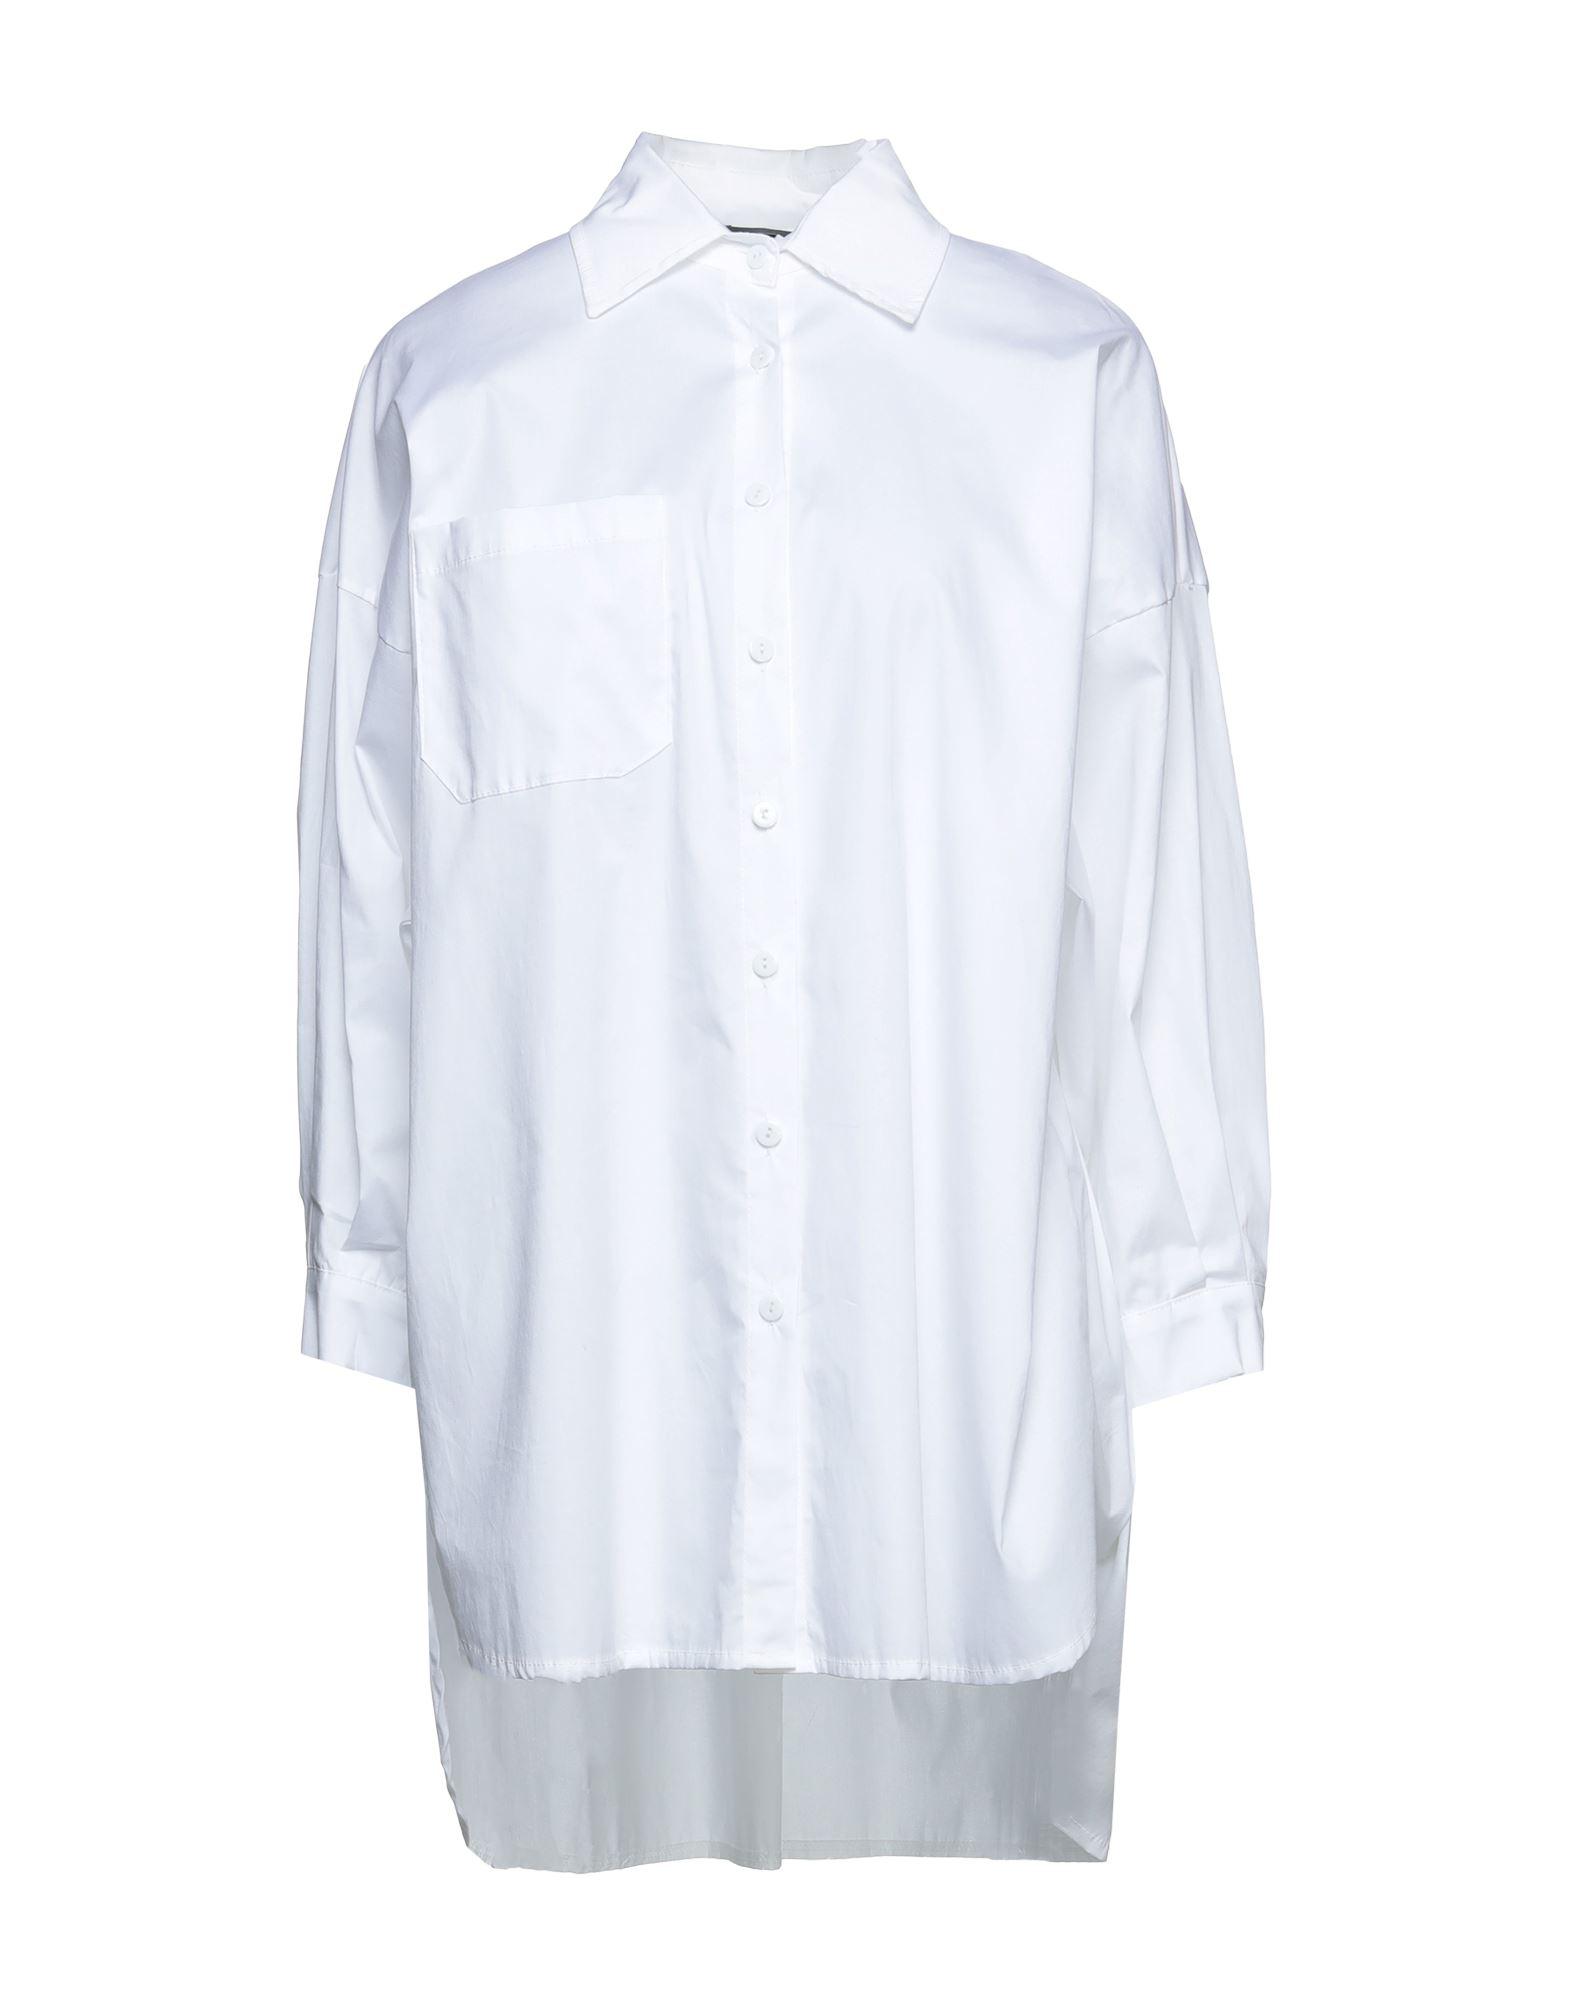 Фото - ANGELA MELE MILANO Pубашка white 5 milano pубашка